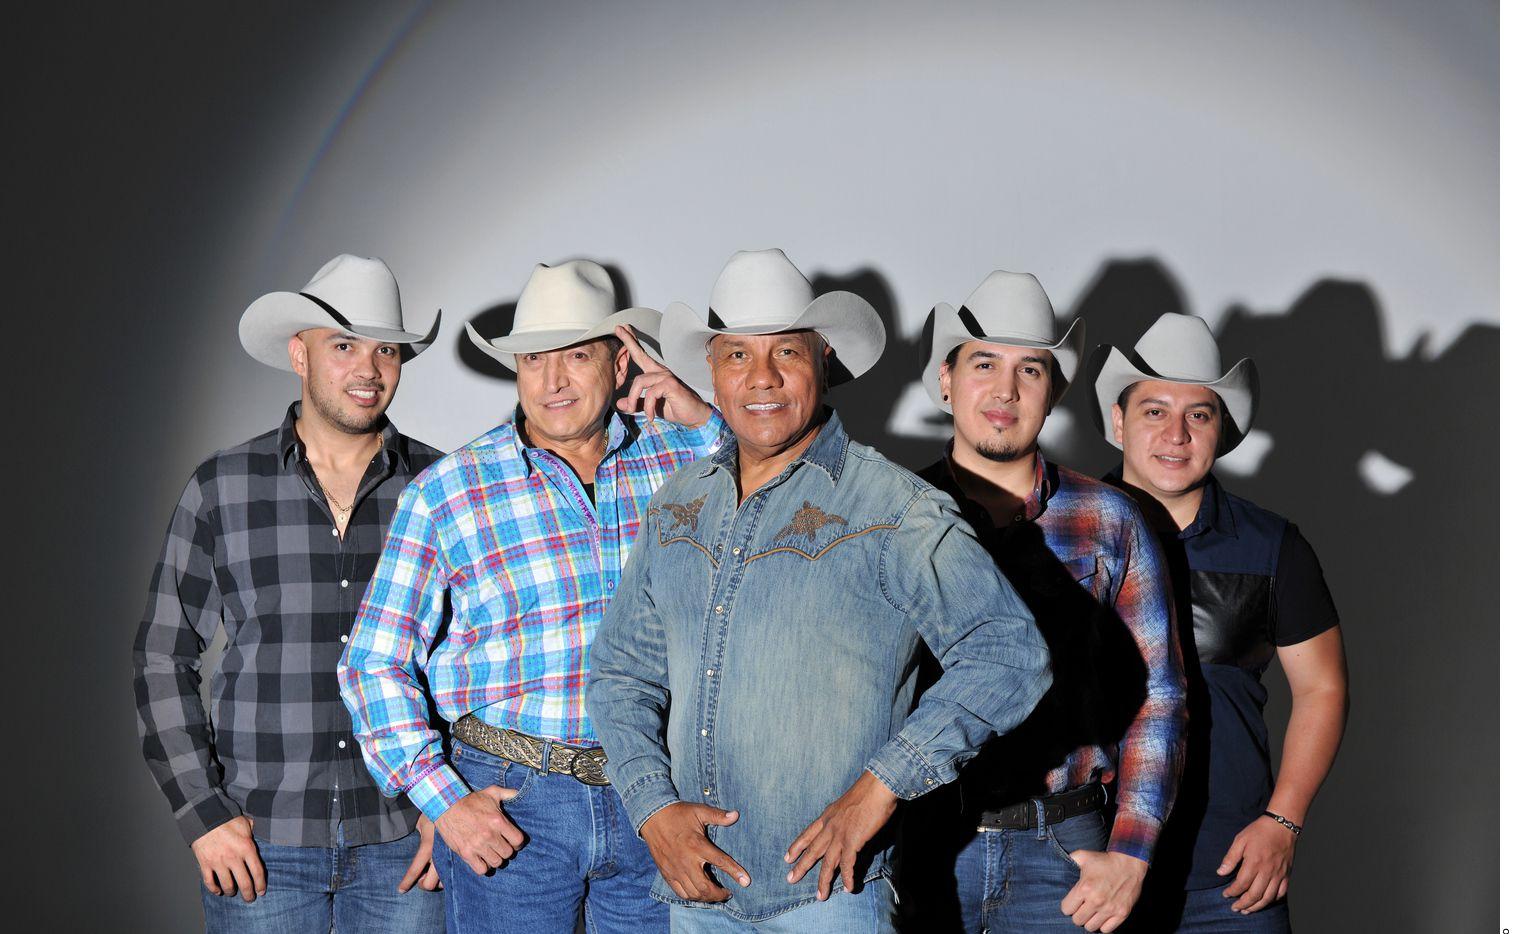 Bronco, el Gigante de América, tiene nuevo integrante: Arsenio Guajardo se une a la agrupación.